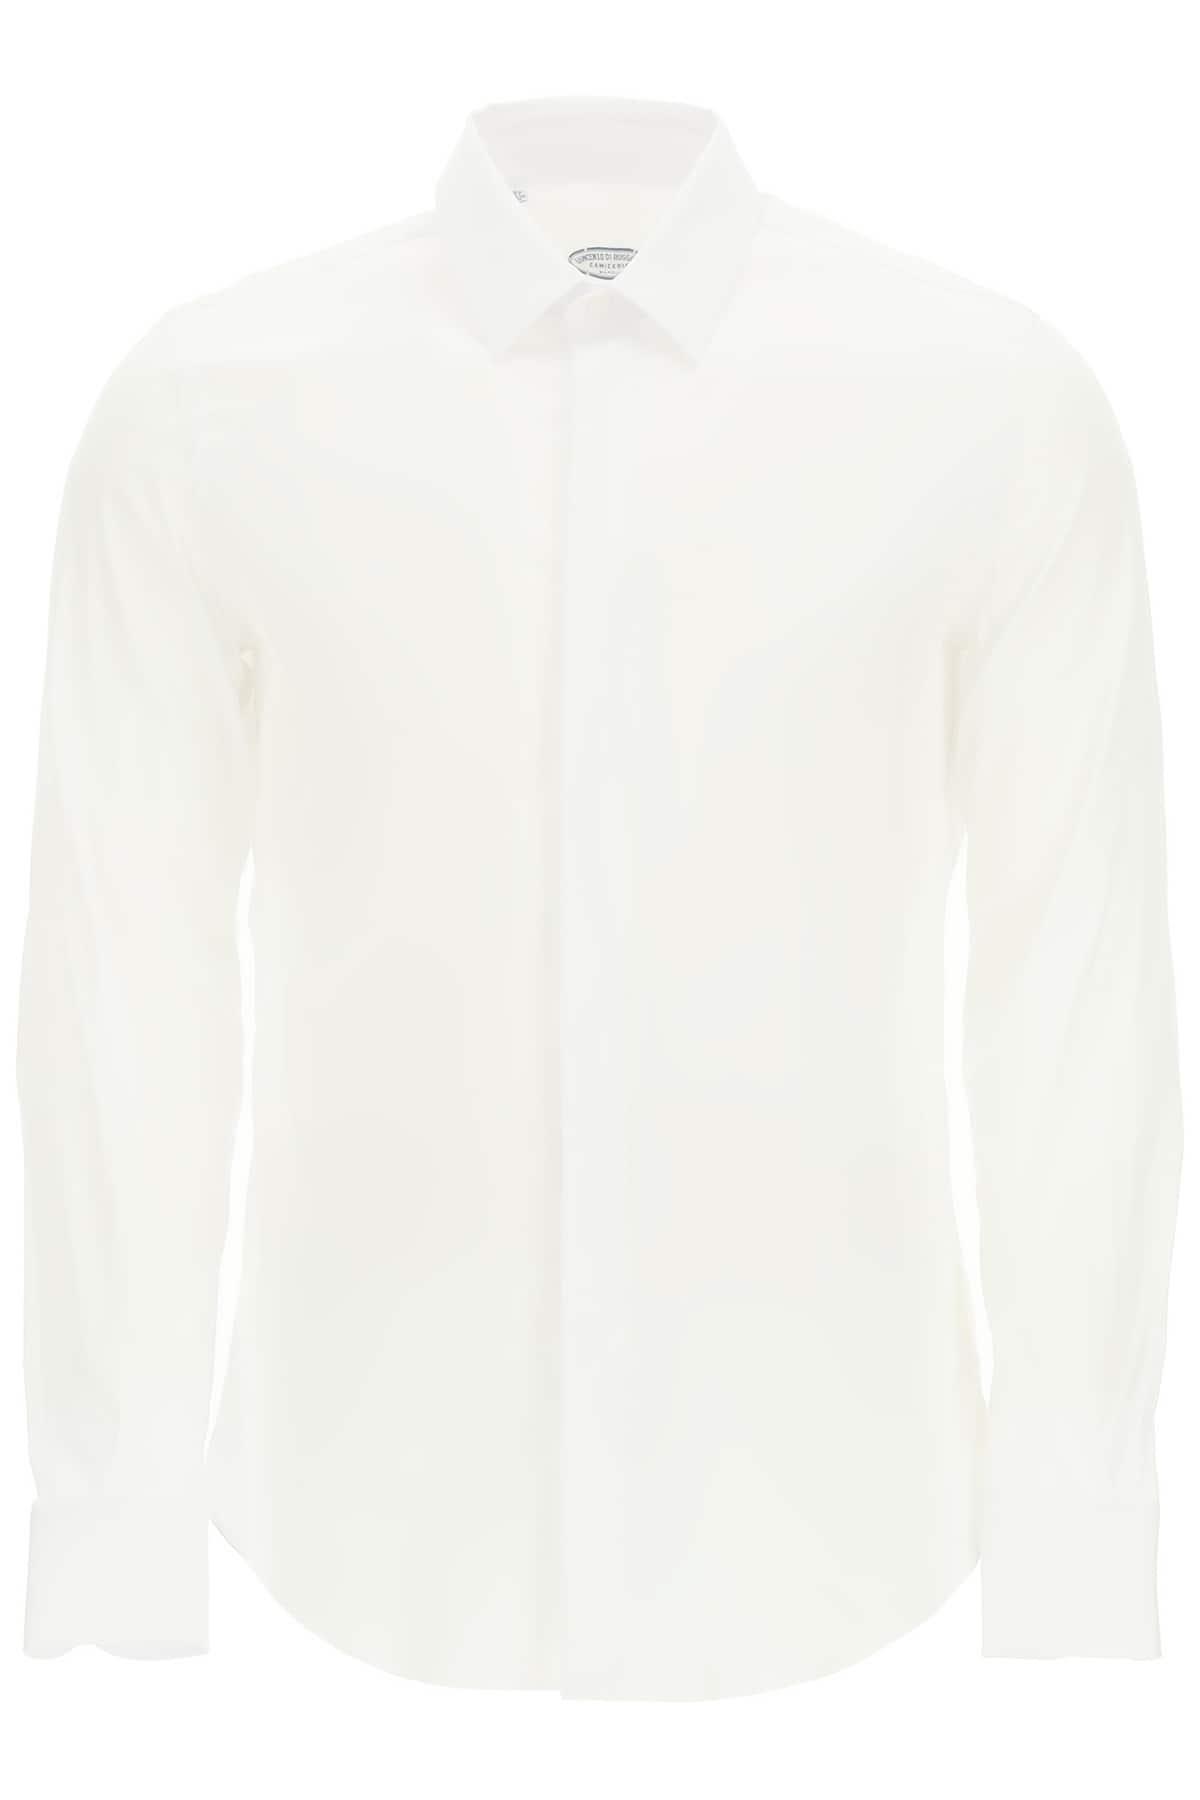 VINCENZO DI RUGGIERO CLASSIC TAILORED SHIRT 41 White Cotton